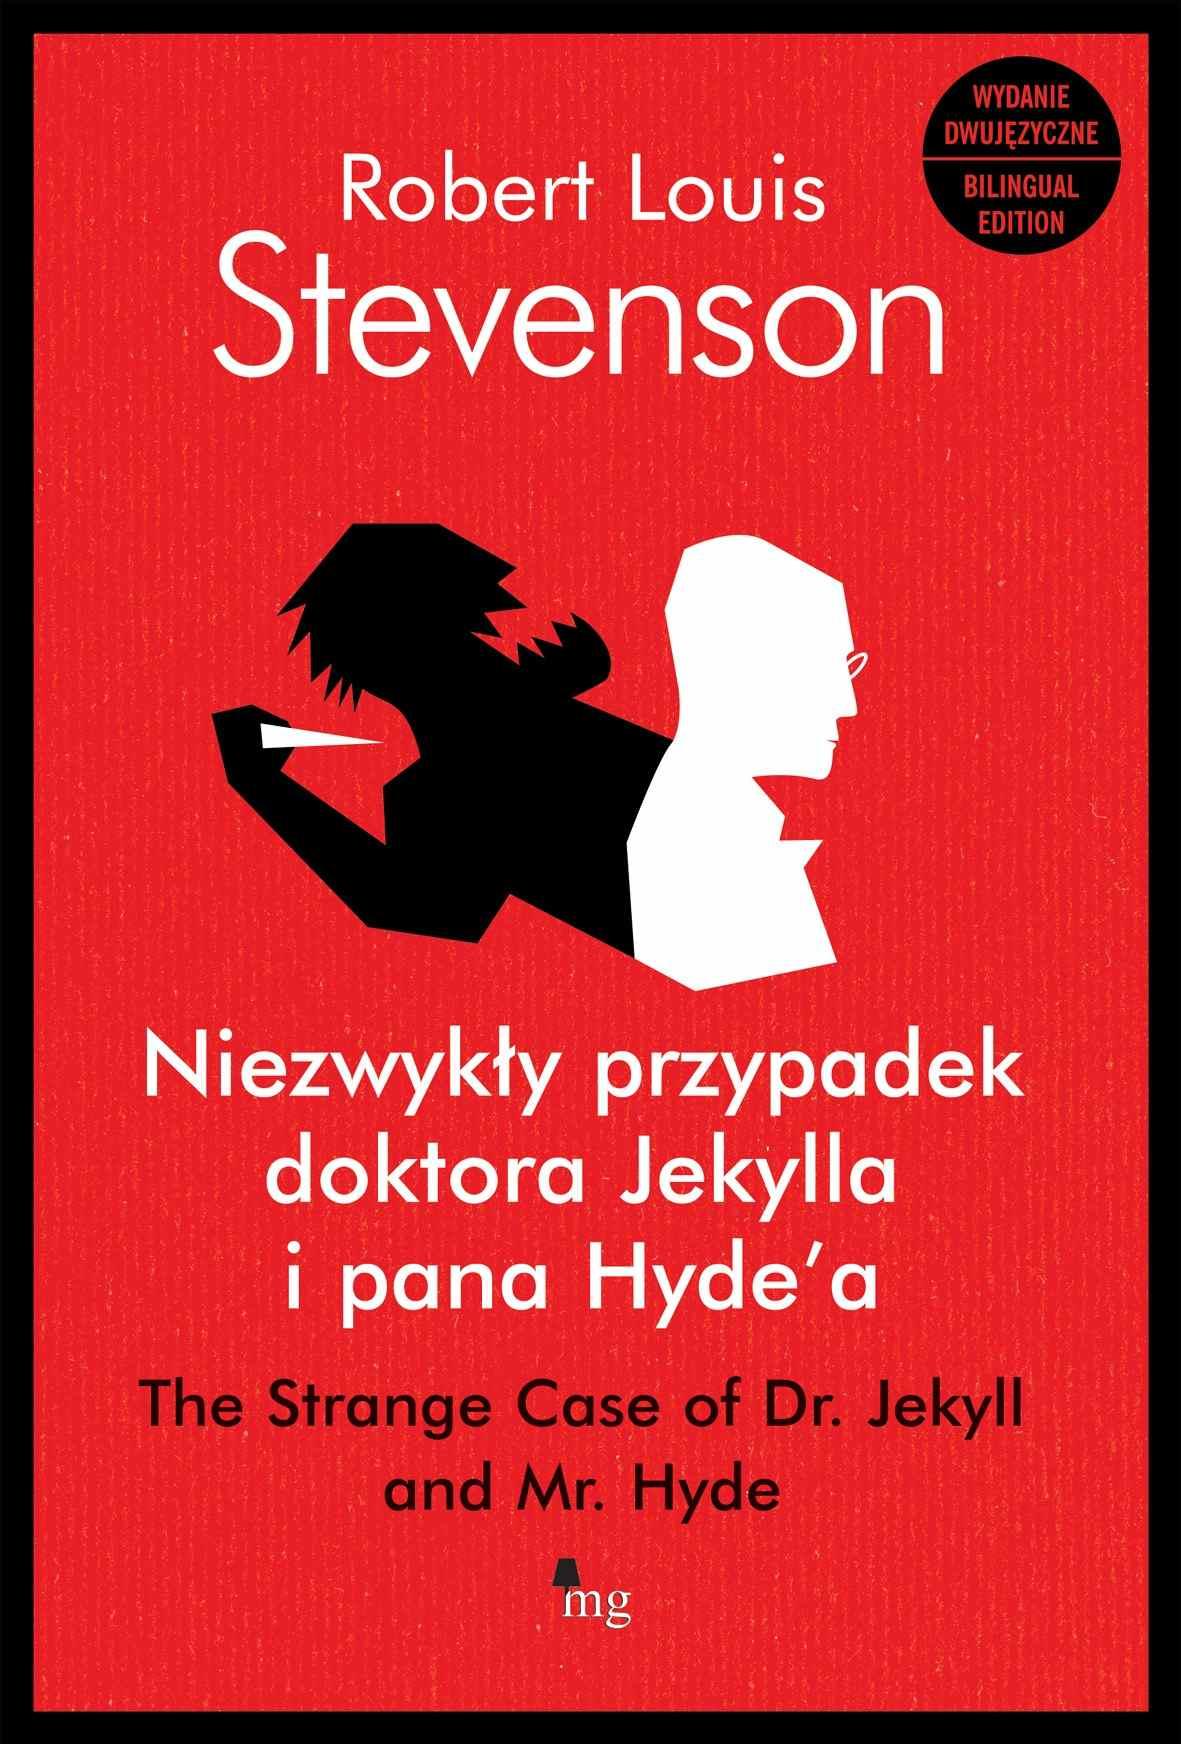 Niezwykły przypadek doktora Jekylla i pana Hyde'a.  The Strange Case of Dr. Jekyll and Mr. Hyde - wydanie dwujęzyczne - Ebook (Książka EPUB) do pobrania w formacie EPUB